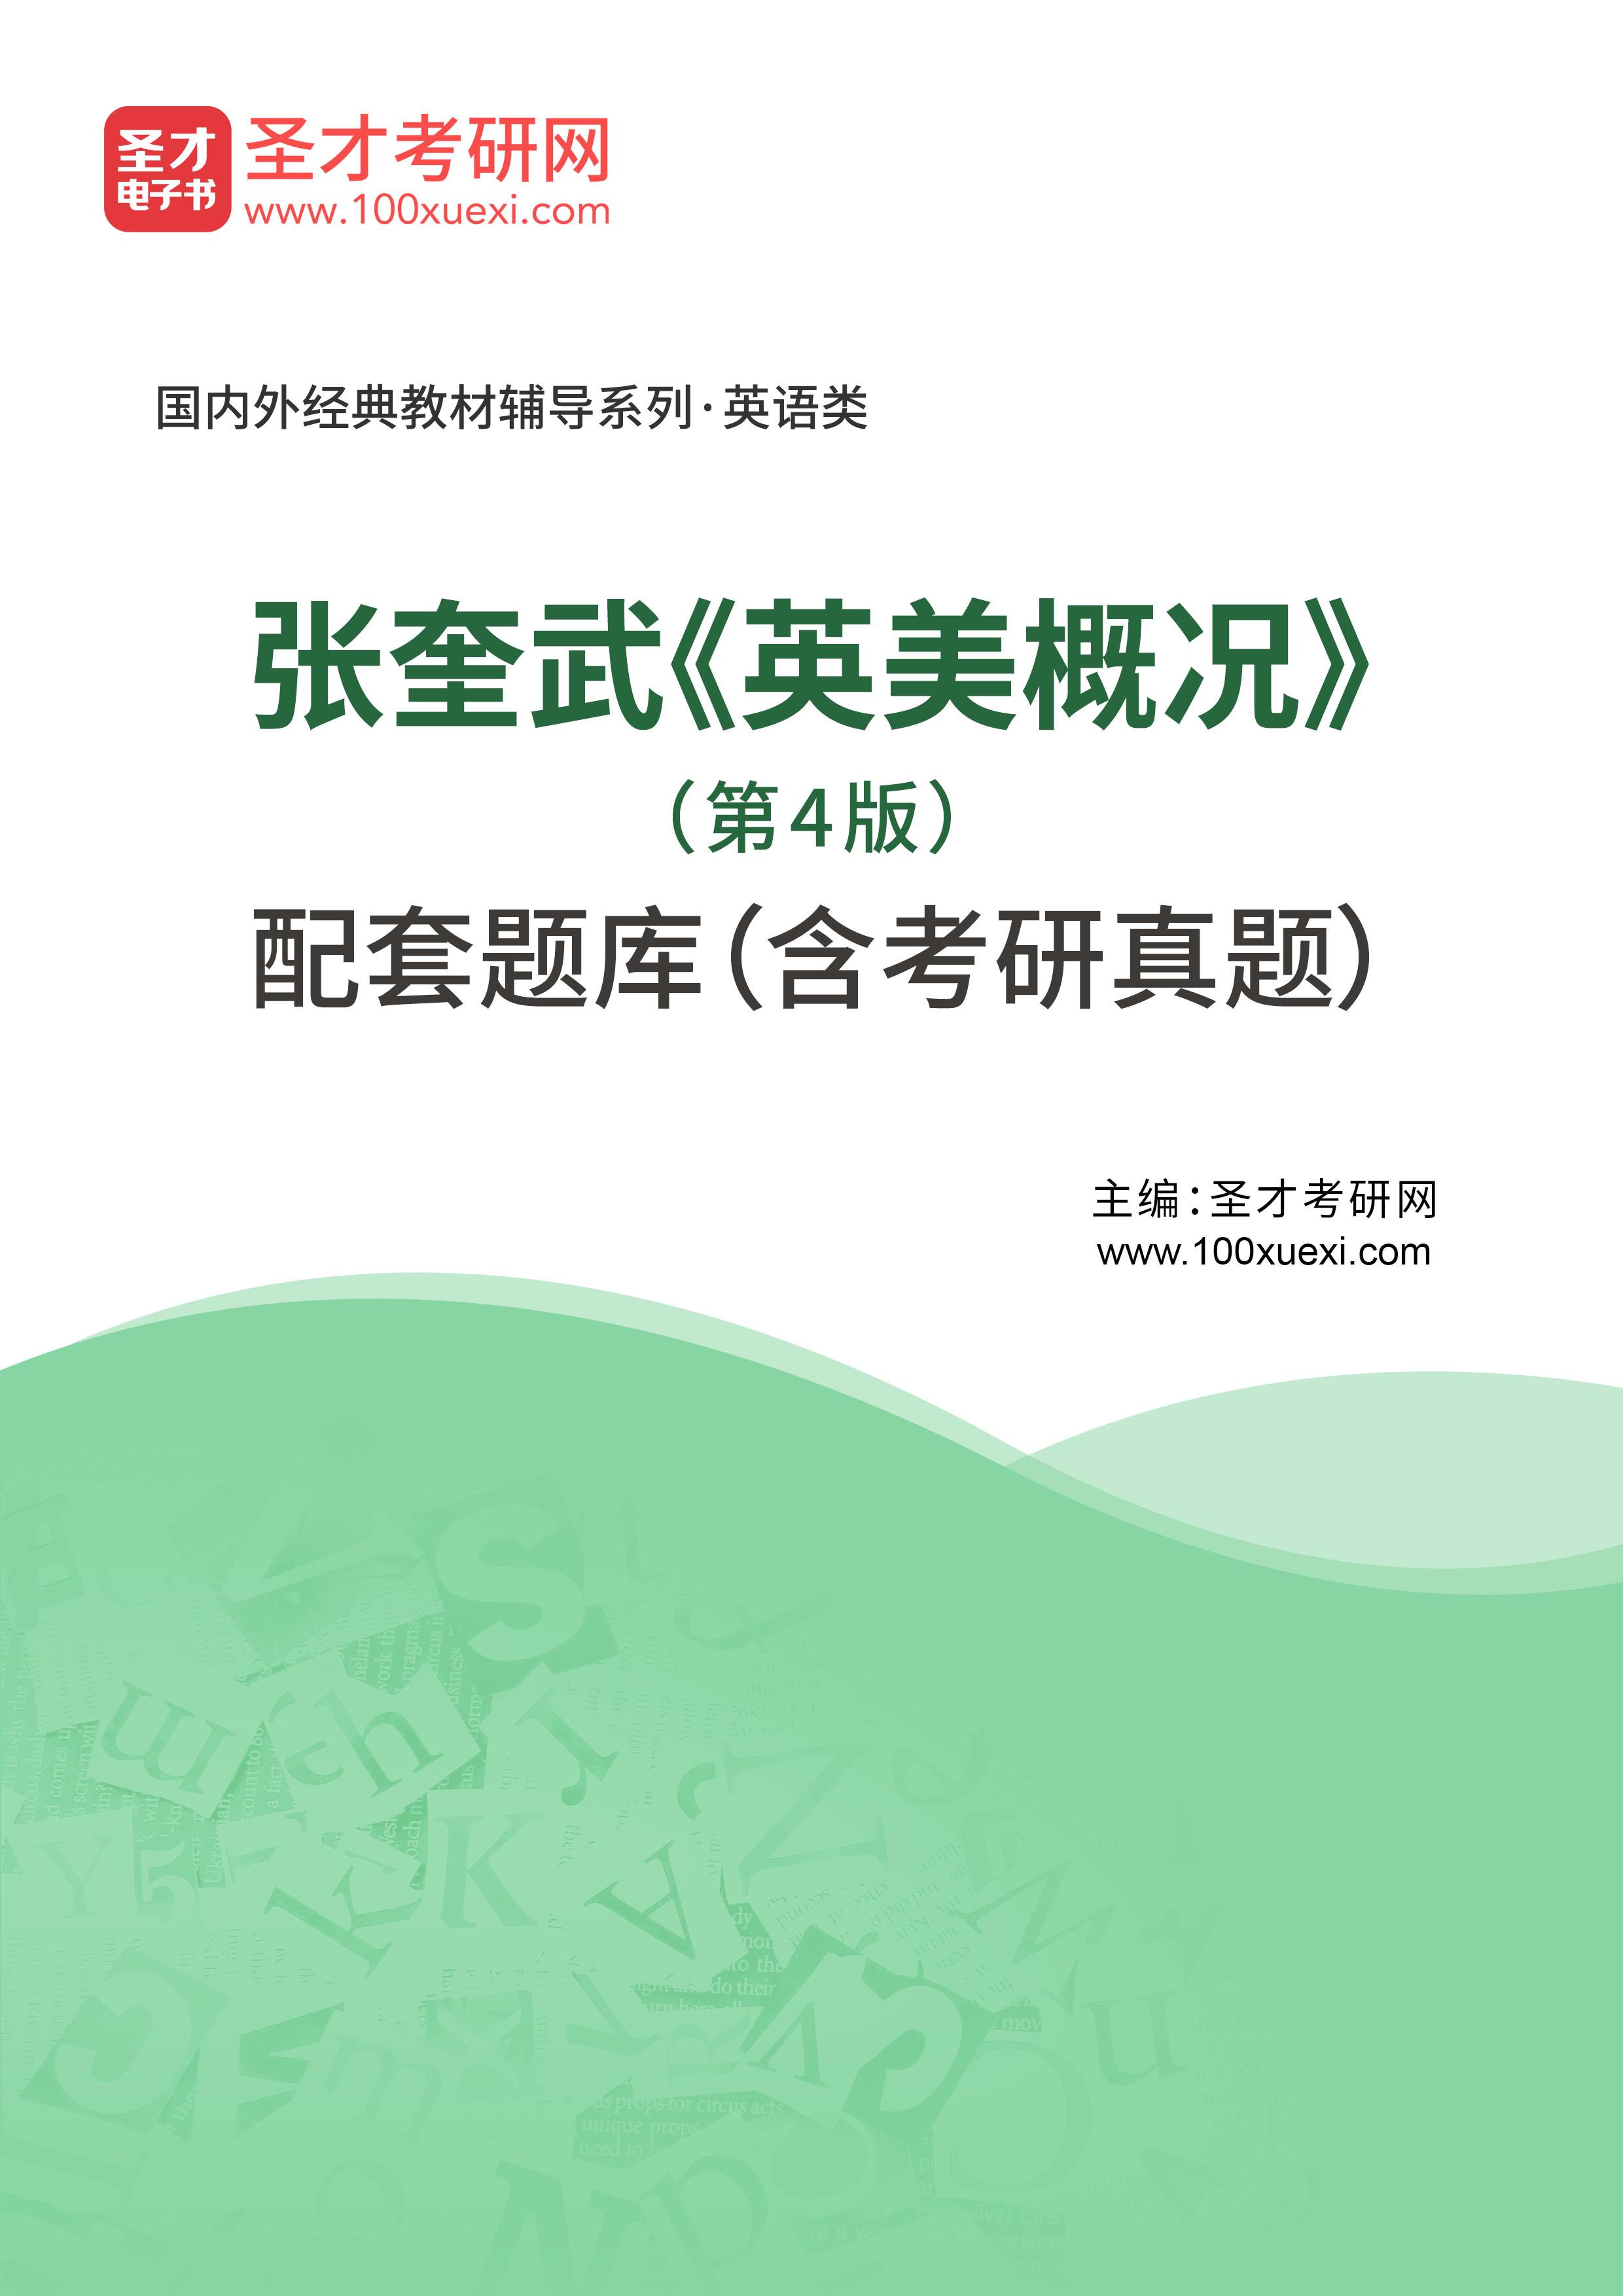 张奎武《英美概况》(第4版)配套题库(含考研真题)